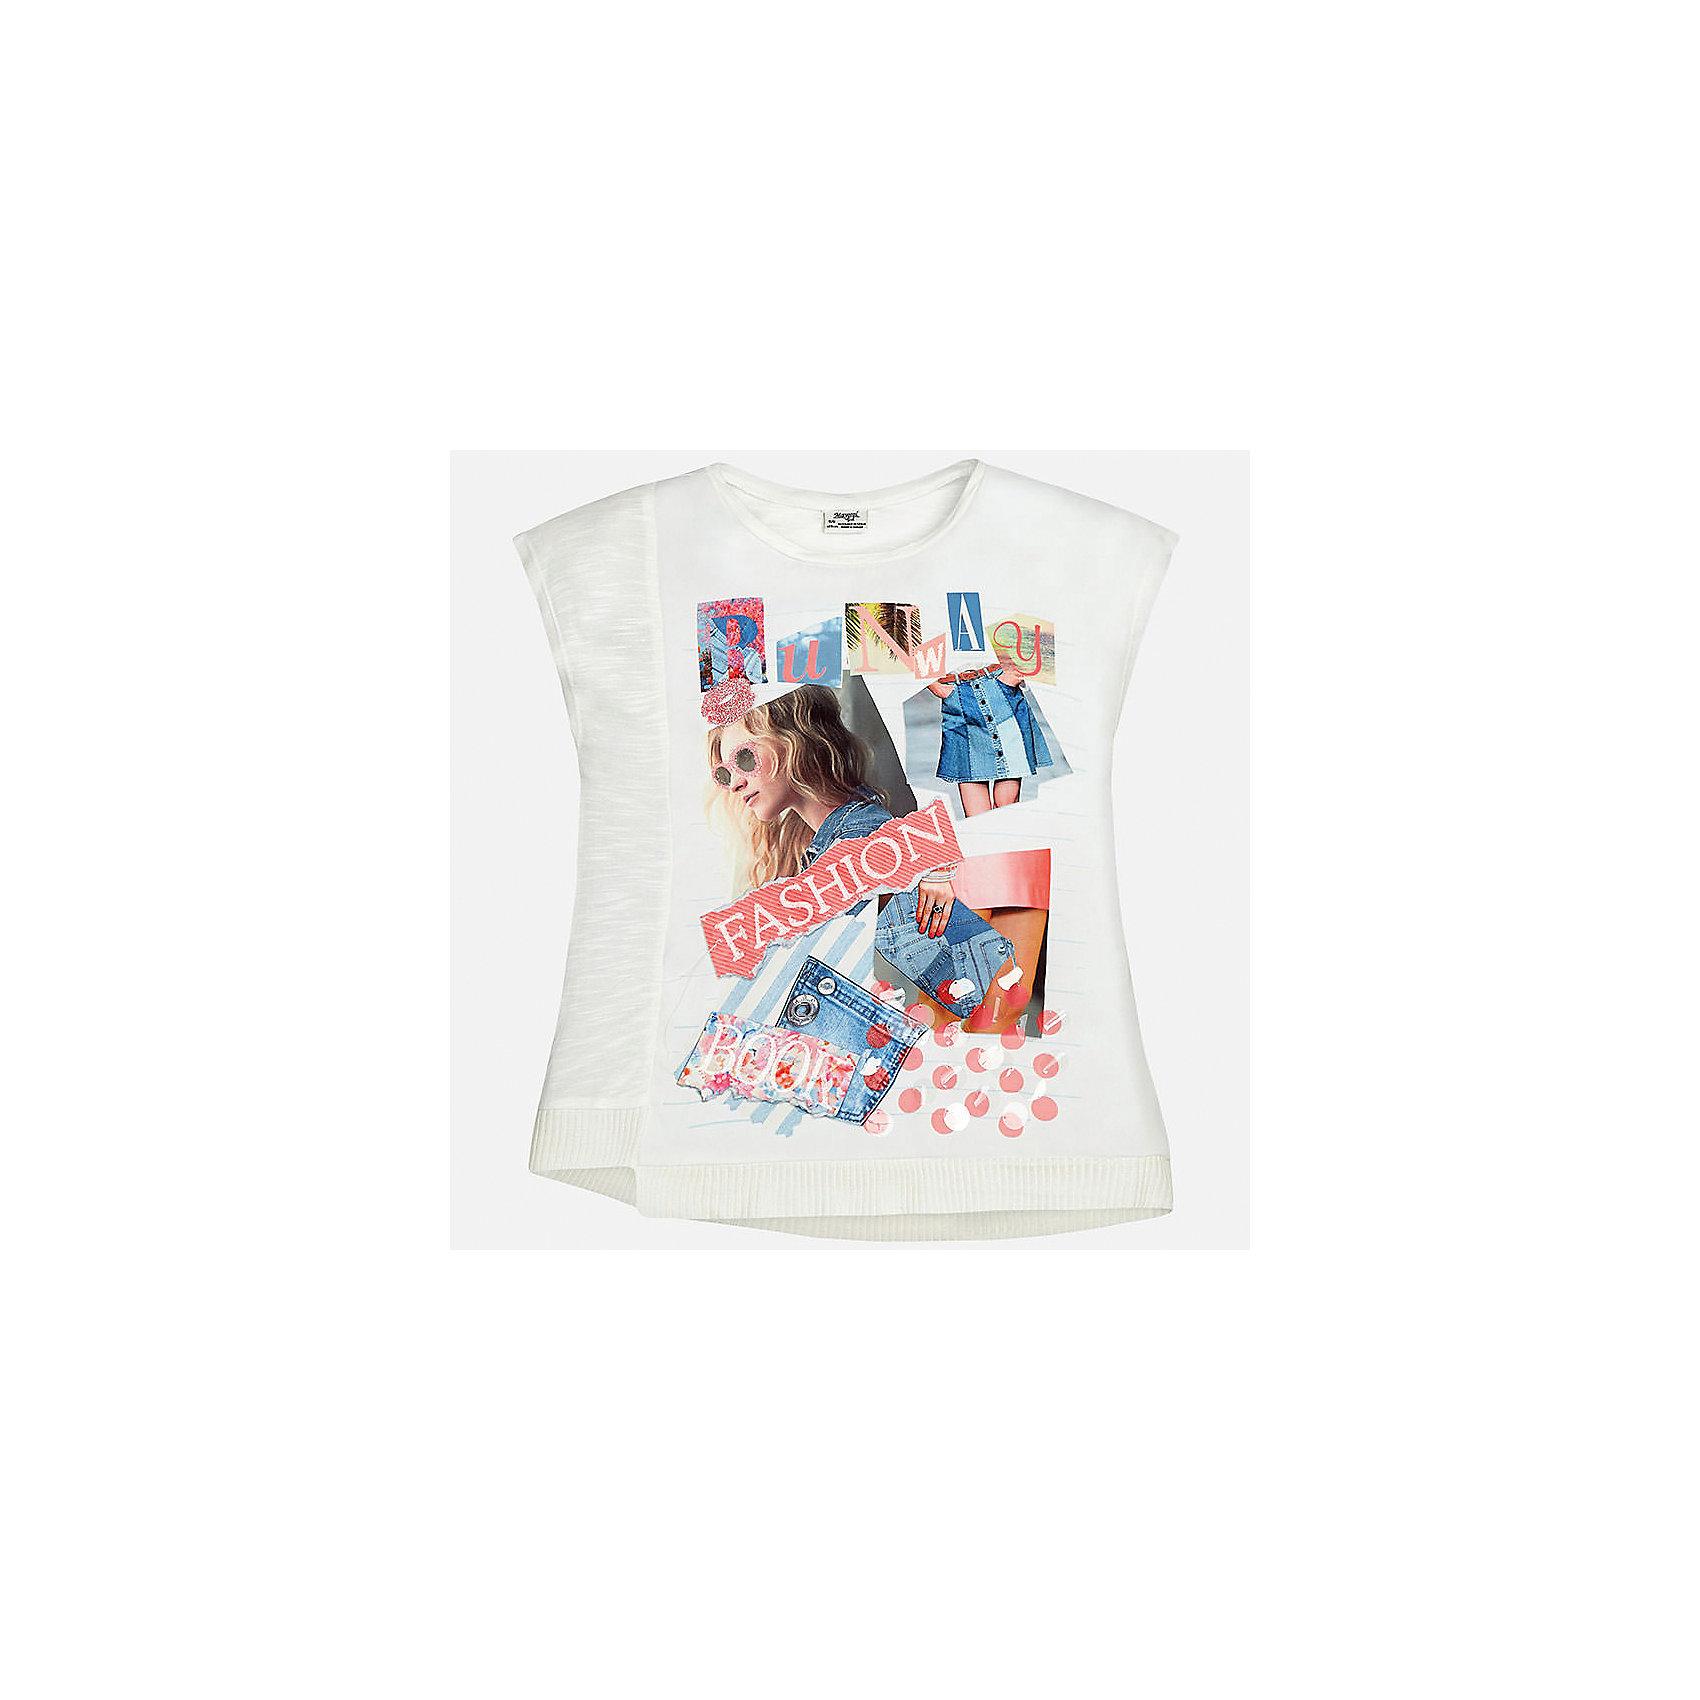 Футболка для девочки MayoralФутболки, поло и топы<br>Характеристики товара:<br><br>• цвет: молочный<br>• состав: 100% хлопок<br>• декорирована принтом<br>• короткие рукава<br>• округлый горловой вырез<br>• страна бренда: Испания<br><br>Стильная качественная футболка для девочки поможет разнообразить гардероб ребенка и украсить наряд. Она отлично сочетается и с юбками, и с шортами, и с брюками. Универсальный цвет позволяет подобрать к вещи низ практически любой расцветки. Интересная отделка модели делает её нарядной и оригинальной. В составе ткани - только натуральный хлопок, гипоаллергенный, приятный на ощупь, дышащий.<br><br>Одежда, обувь и аксессуары от испанского бренда Mayoral полюбились детям и взрослым по всему миру. Модели этой марки - стильные и удобные. Для их производства используются только безопасные, качественные материалы и фурнитура. Порадуйте ребенка модными и красивыми вещами от Mayoral! <br><br>Футболку для девочки от испанского бренда Mayoral (Майорал) можно купить в нашем интернет-магазине.<br><br>Ширина мм: 199<br>Глубина мм: 10<br>Высота мм: 161<br>Вес г: 151<br>Цвет: розовый<br>Возраст от месяцев: 84<br>Возраст до месяцев: 96<br>Пол: Женский<br>Возраст: Детский<br>Размер: 140,128/134,170,164,158,152<br>SKU: 5292519